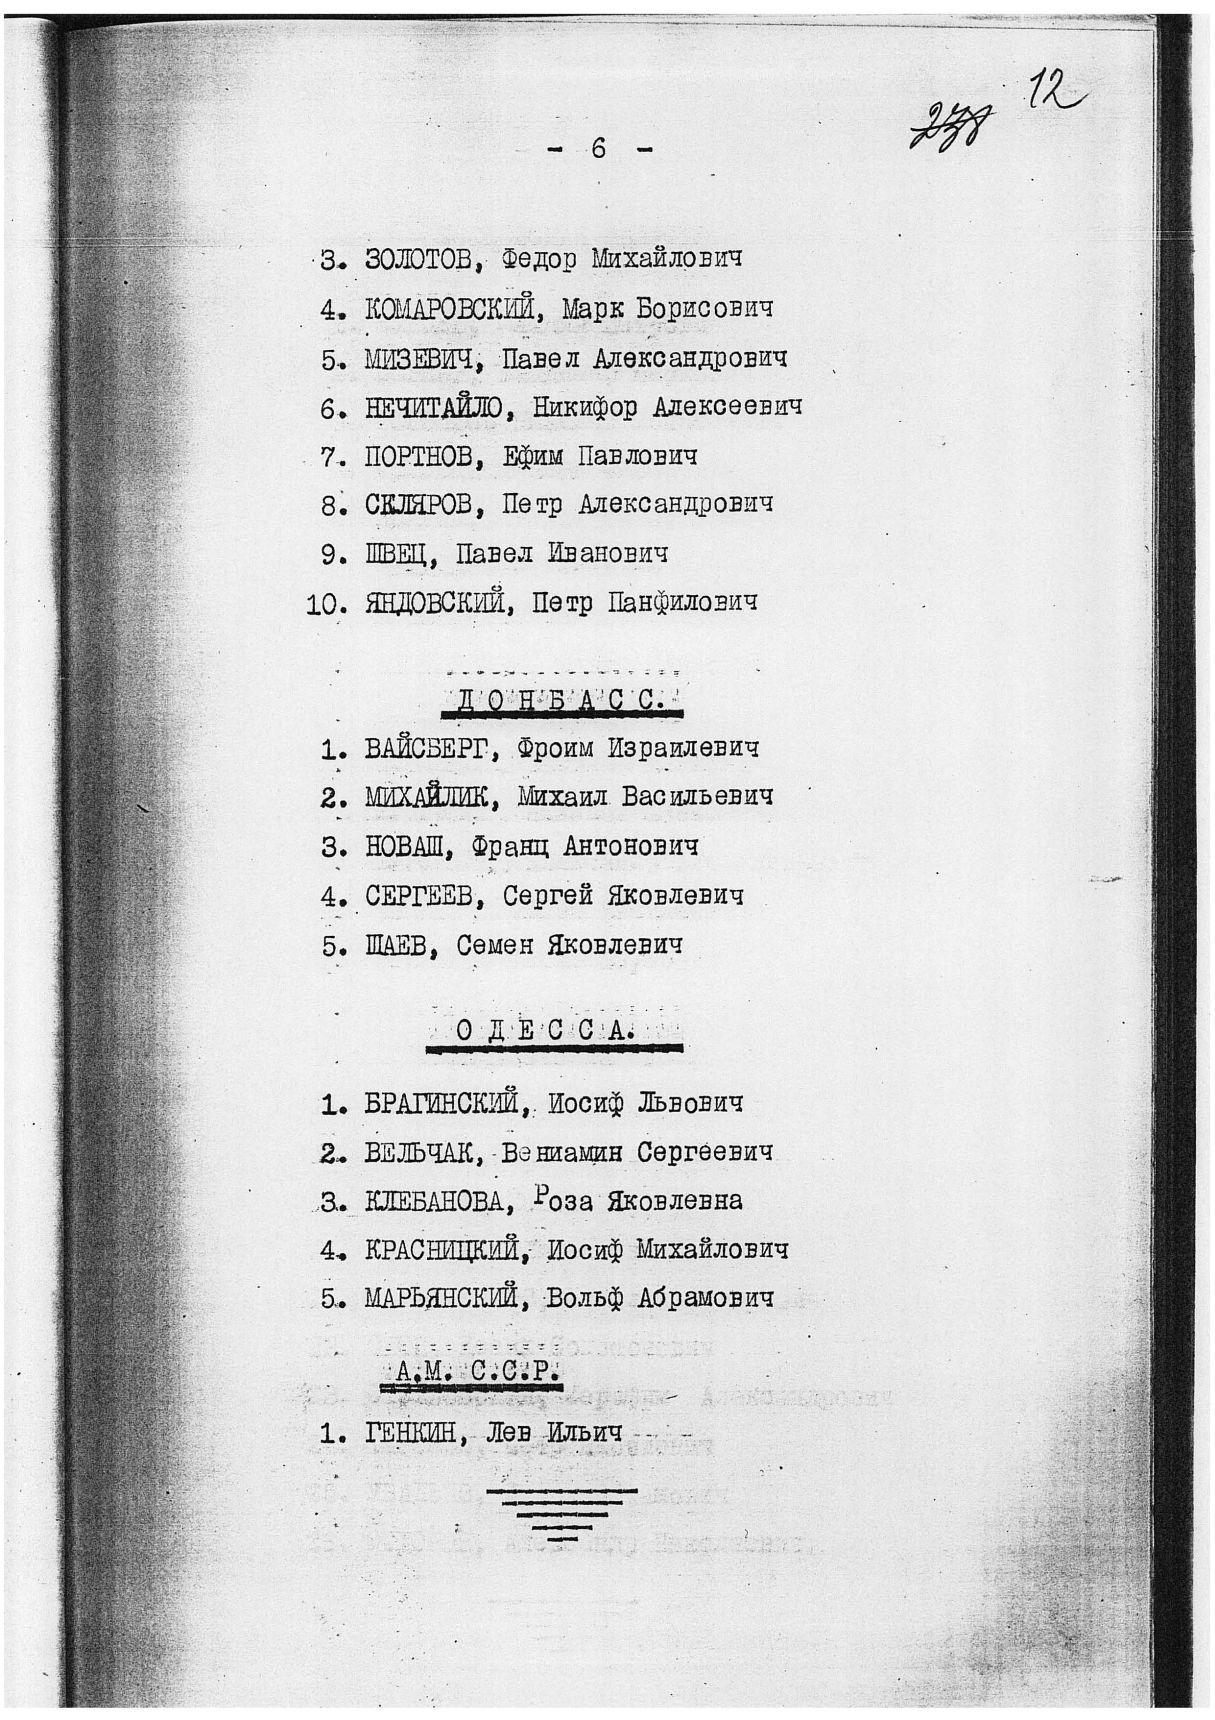 Сталинские списки: список лиц от 27 февраля 1937 года. Москва-центр и еще 13 регионов